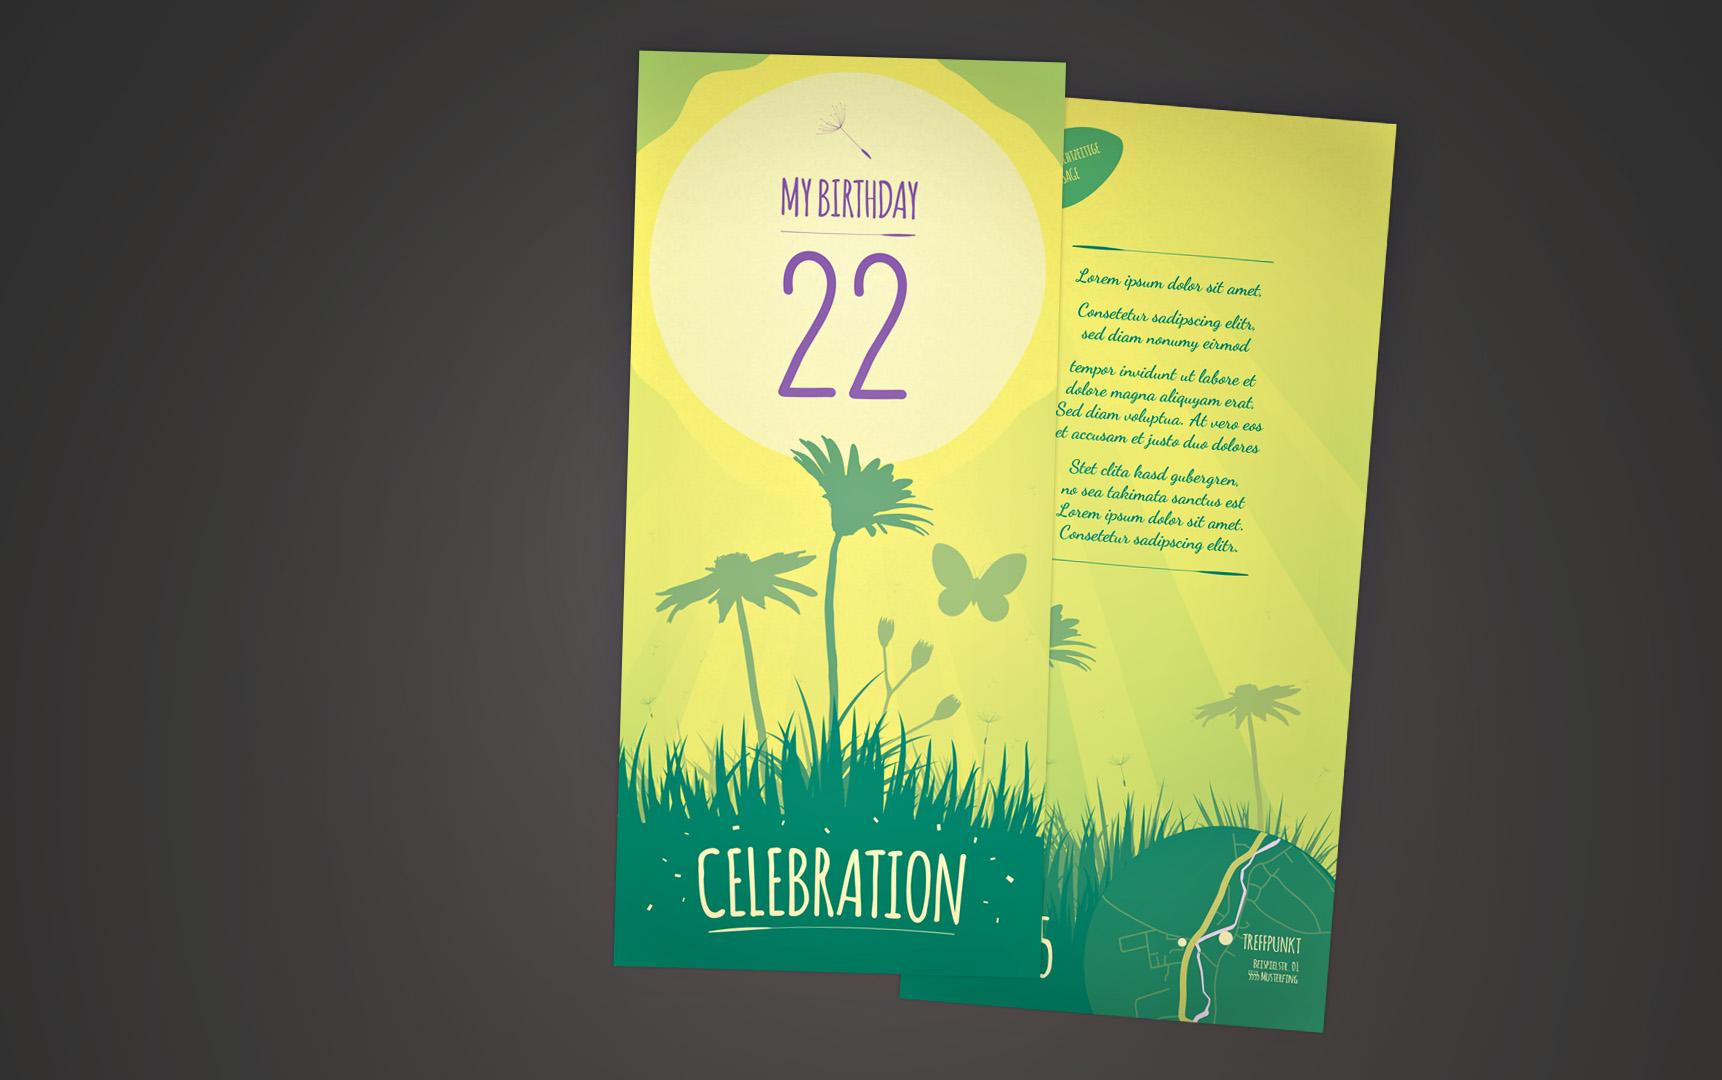 Fröhliche Geburtstagseinladung in Gelb/Grün mit Frühlingsmotiven